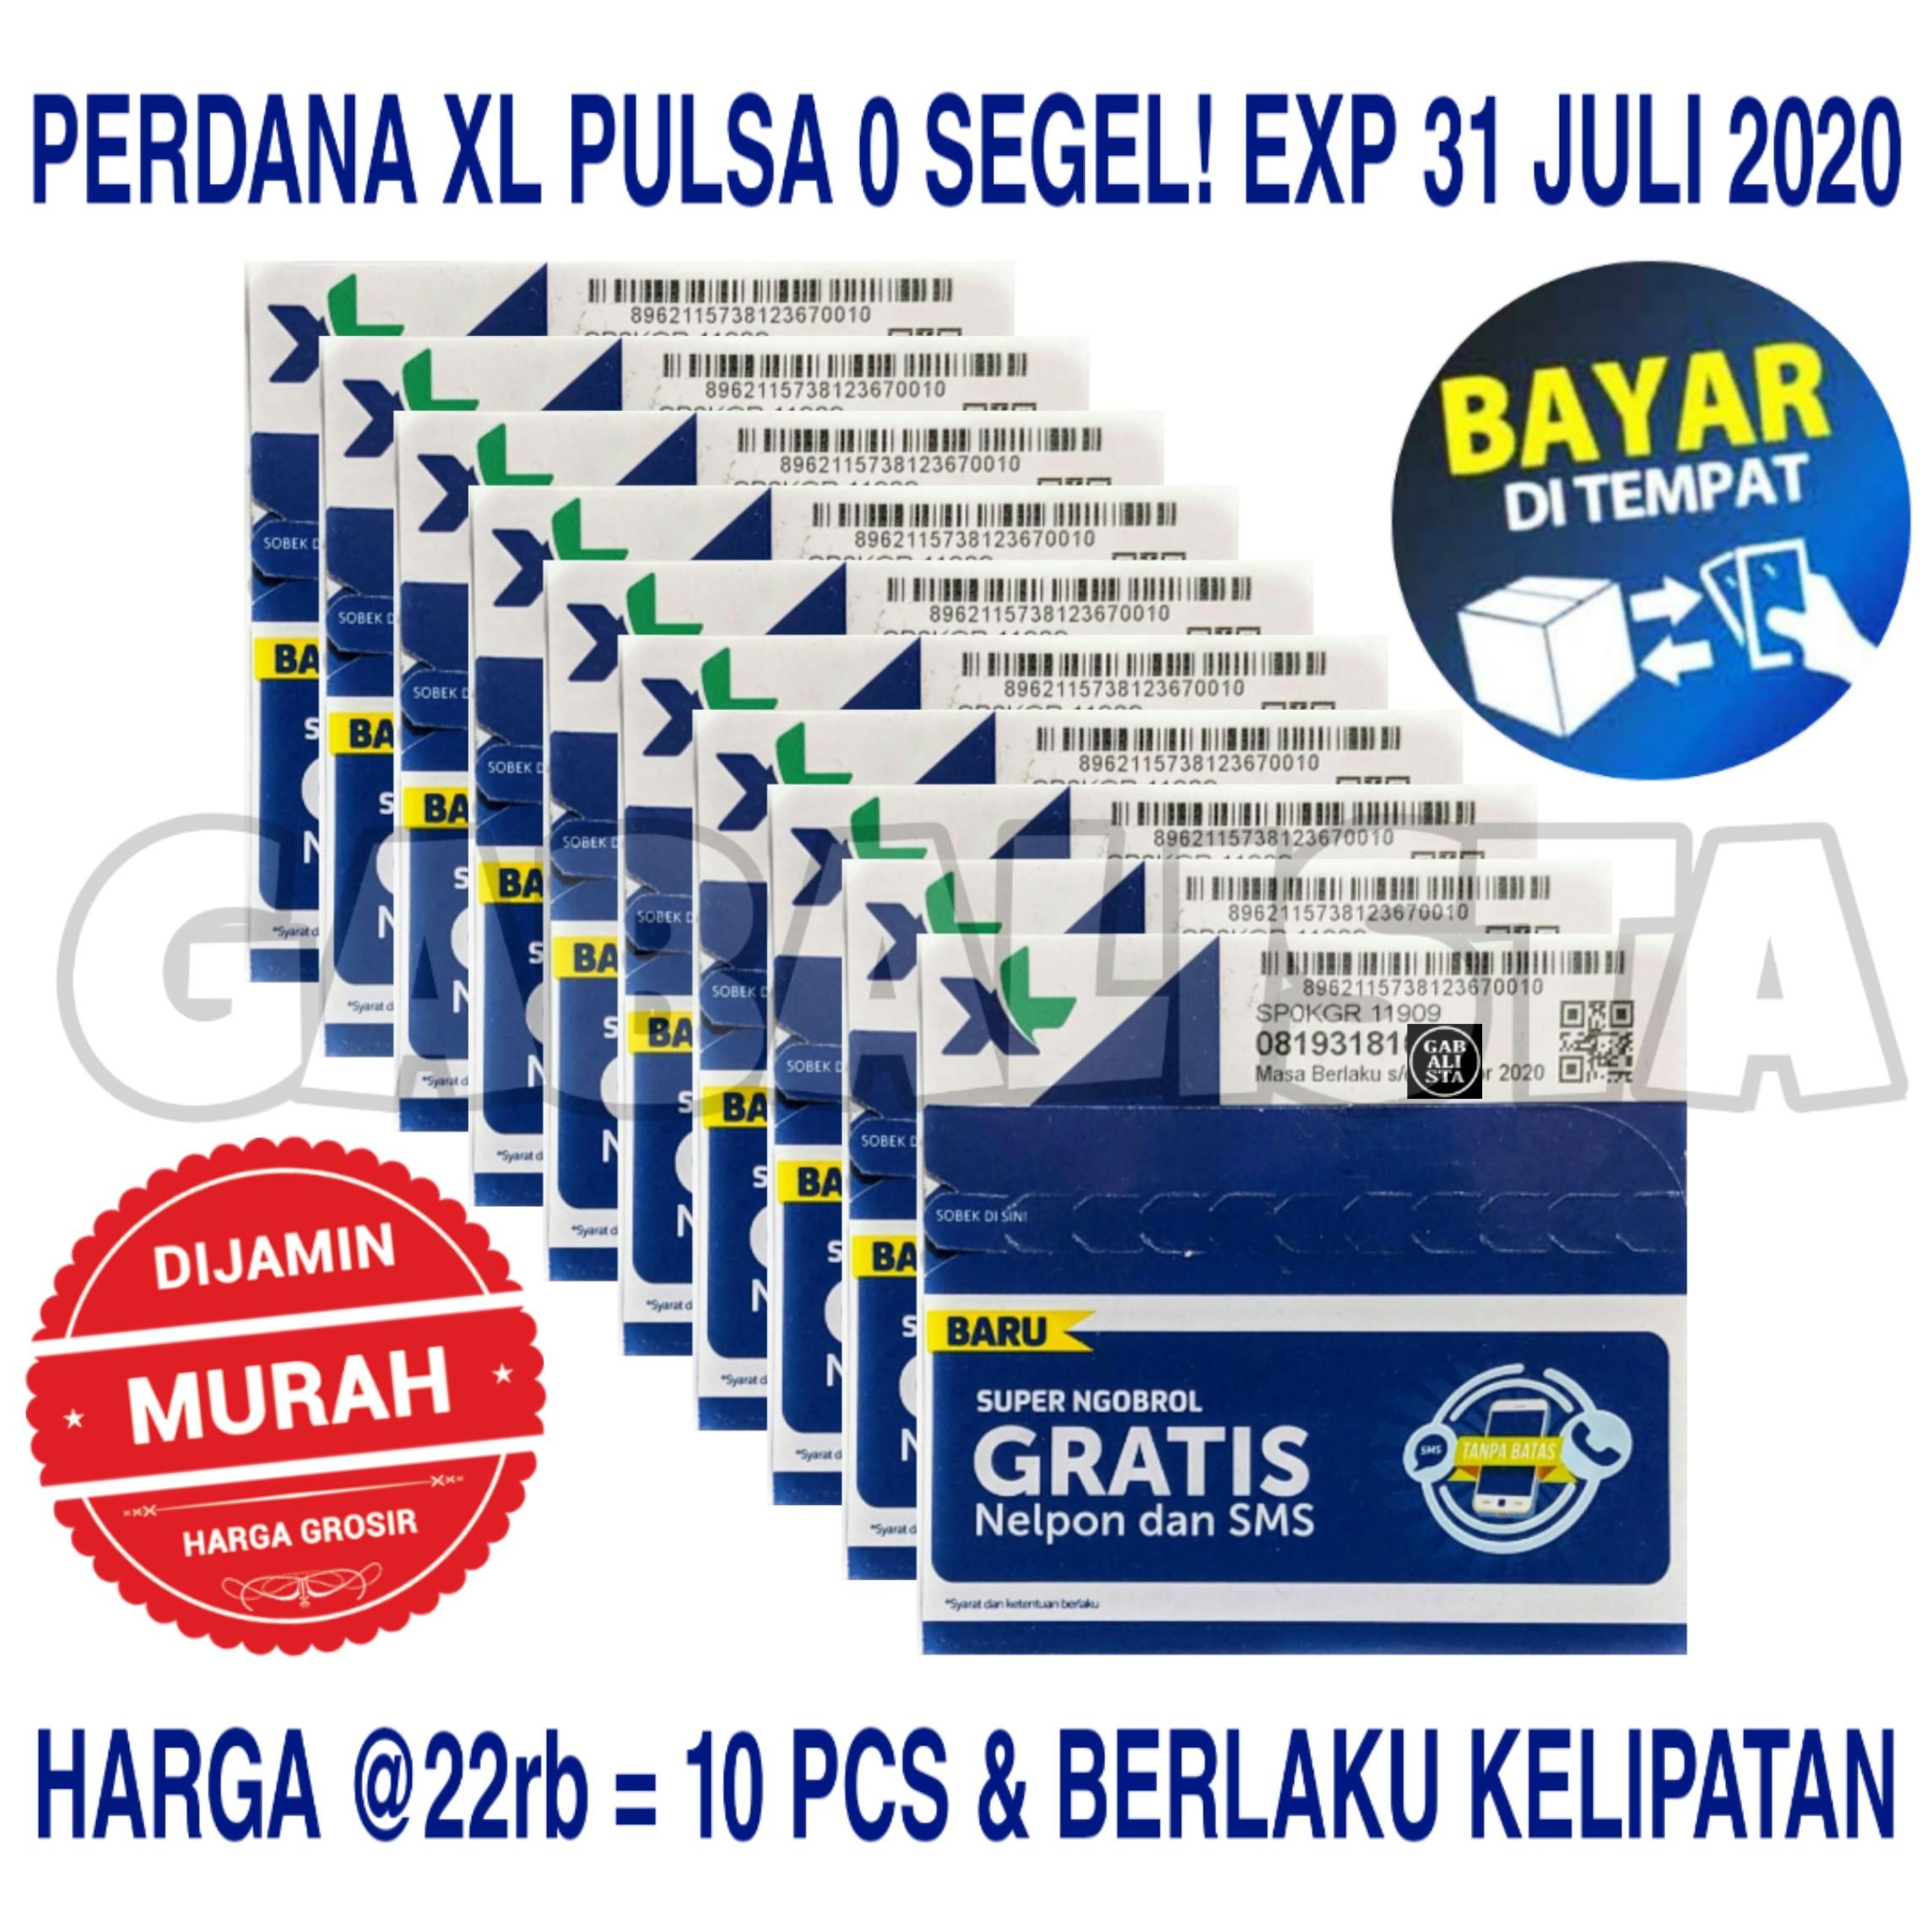 Kartu Perdana XL Pulsa Nol Harga Grosir / 10 Pcs